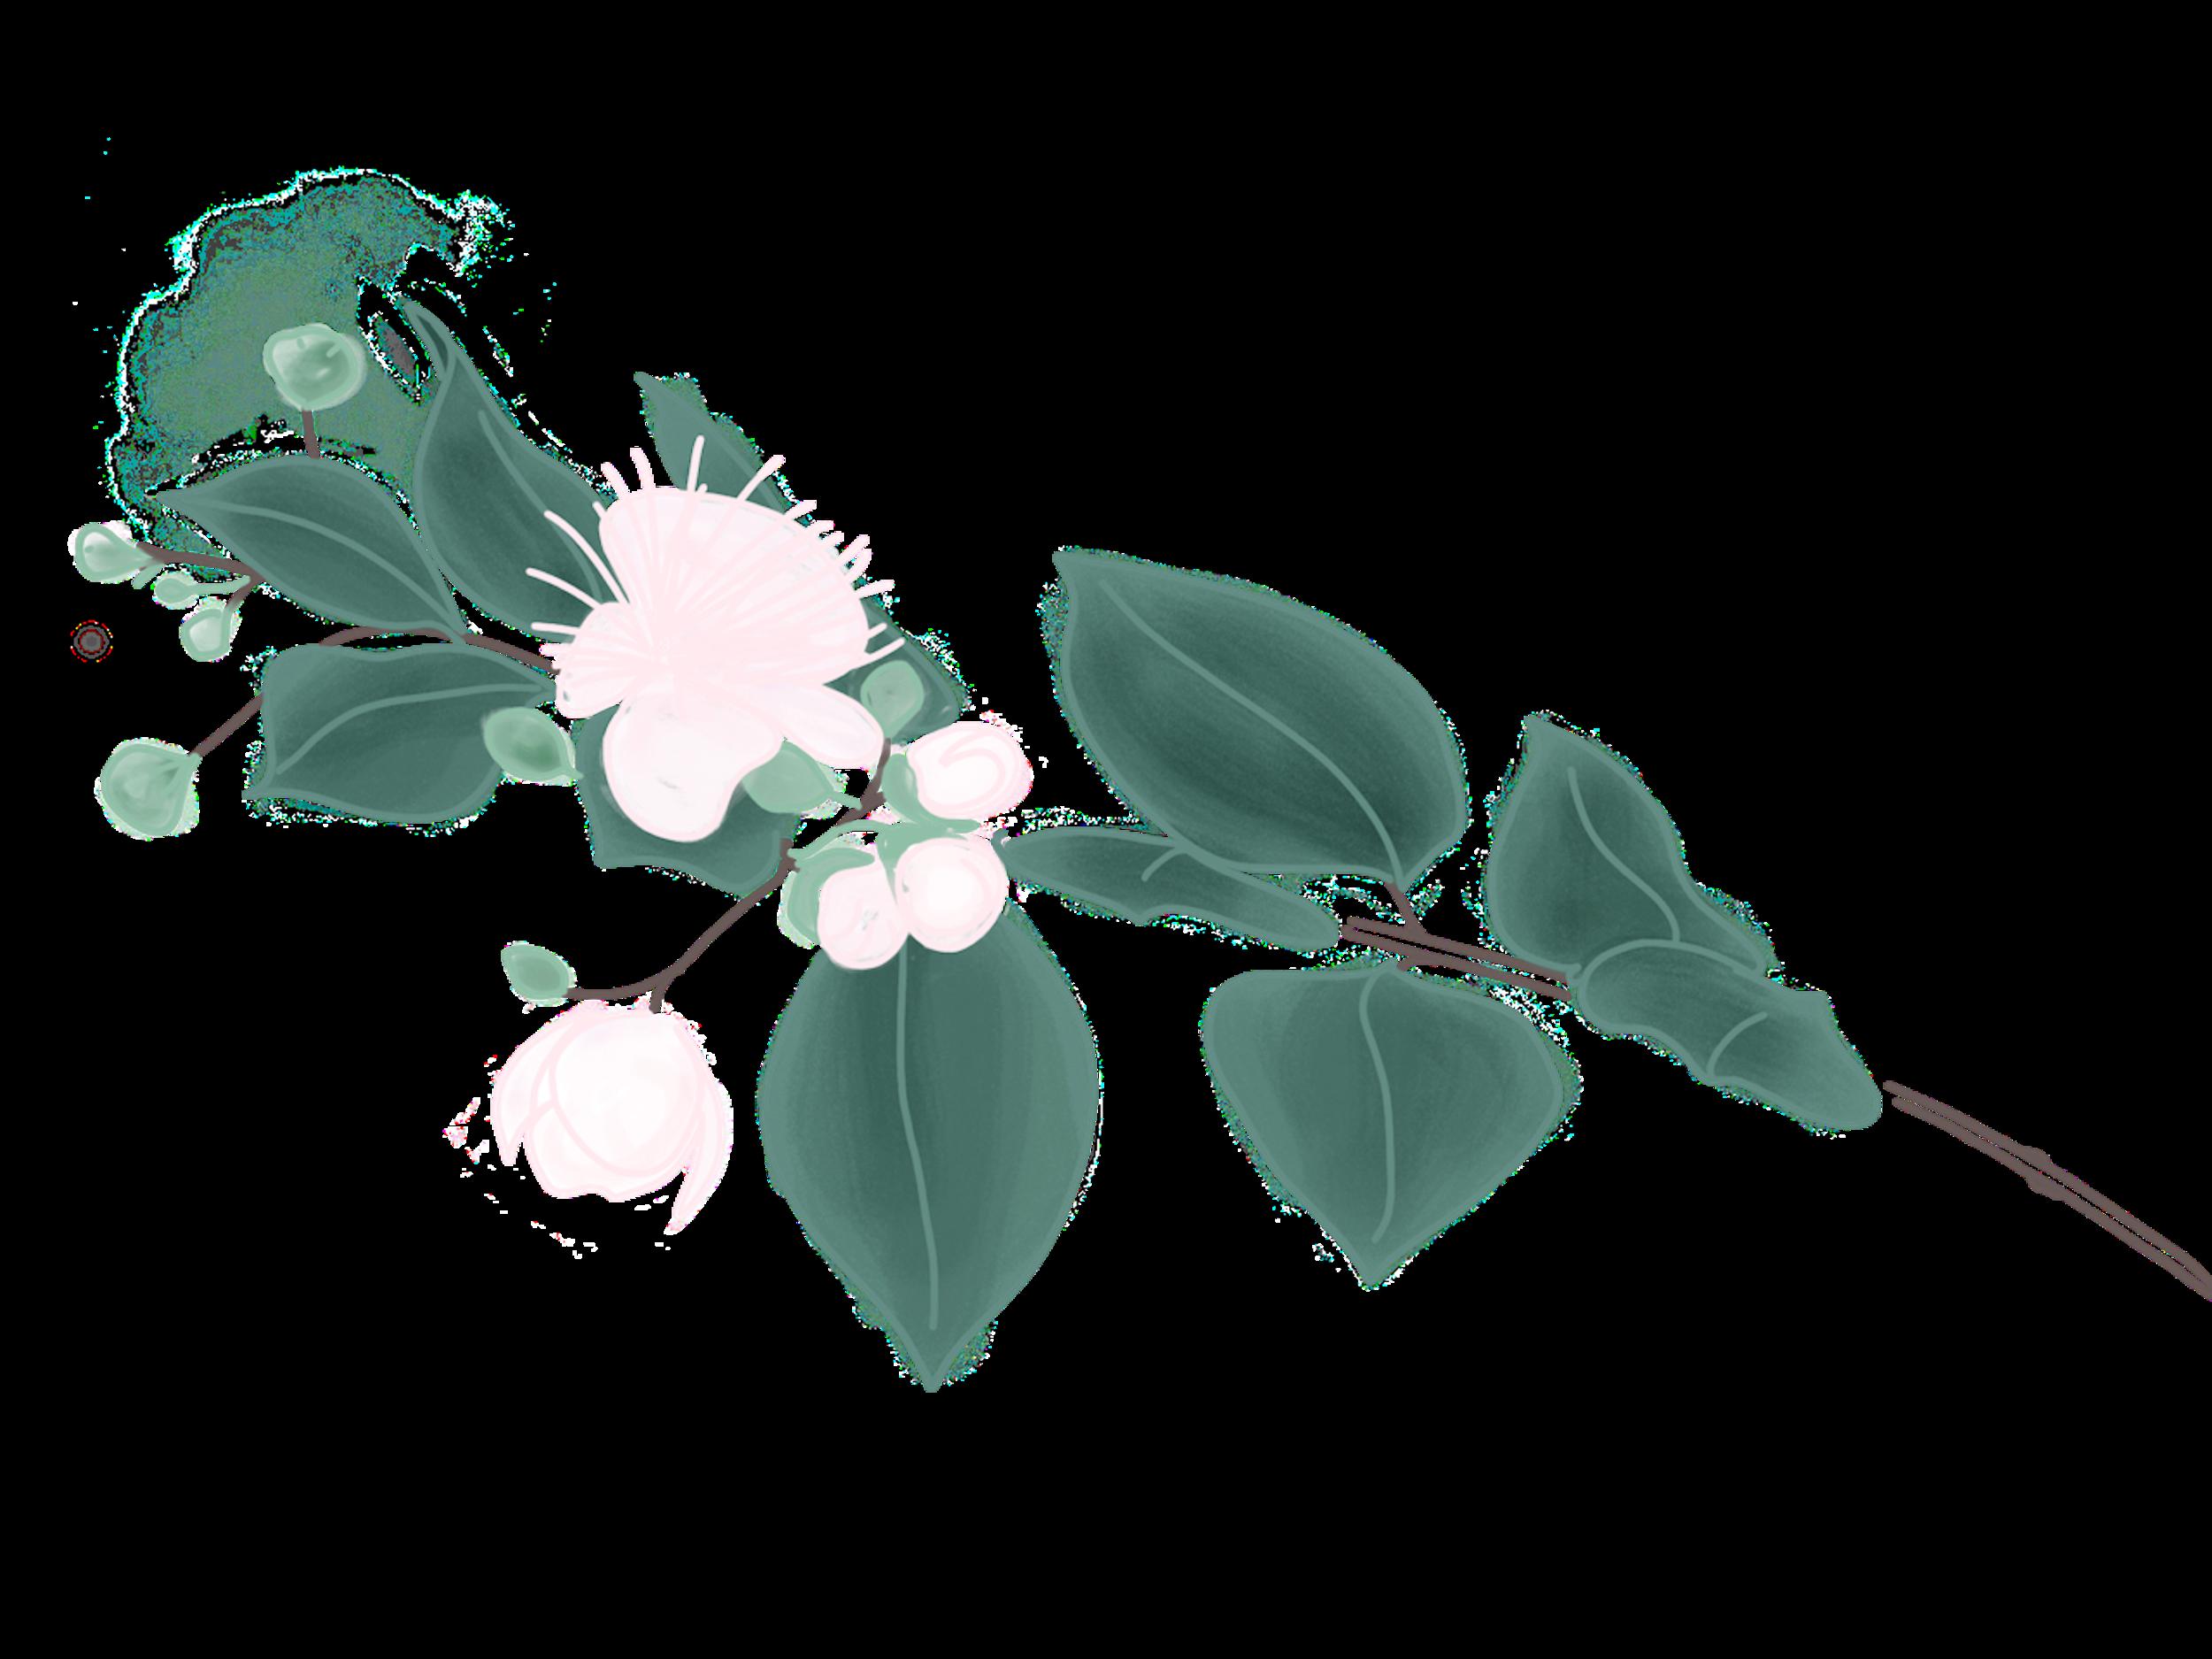 myrtle bough